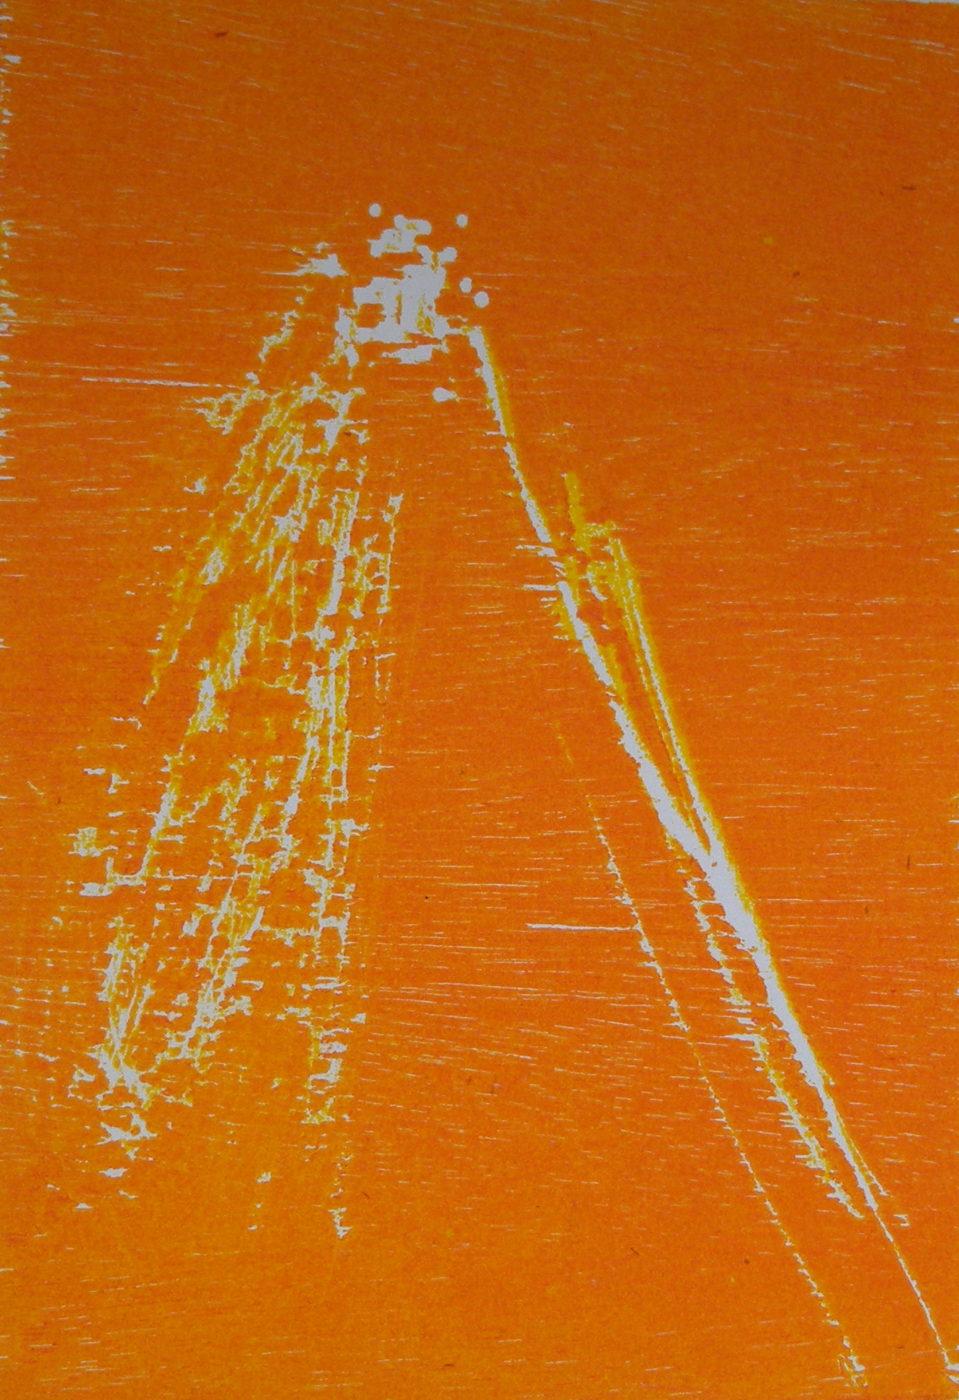 MARC FELD 2011 BRÛLURE Gravure sur cuivre encre sur papier 17 x 23 cm (tirage Patrick Vernet)